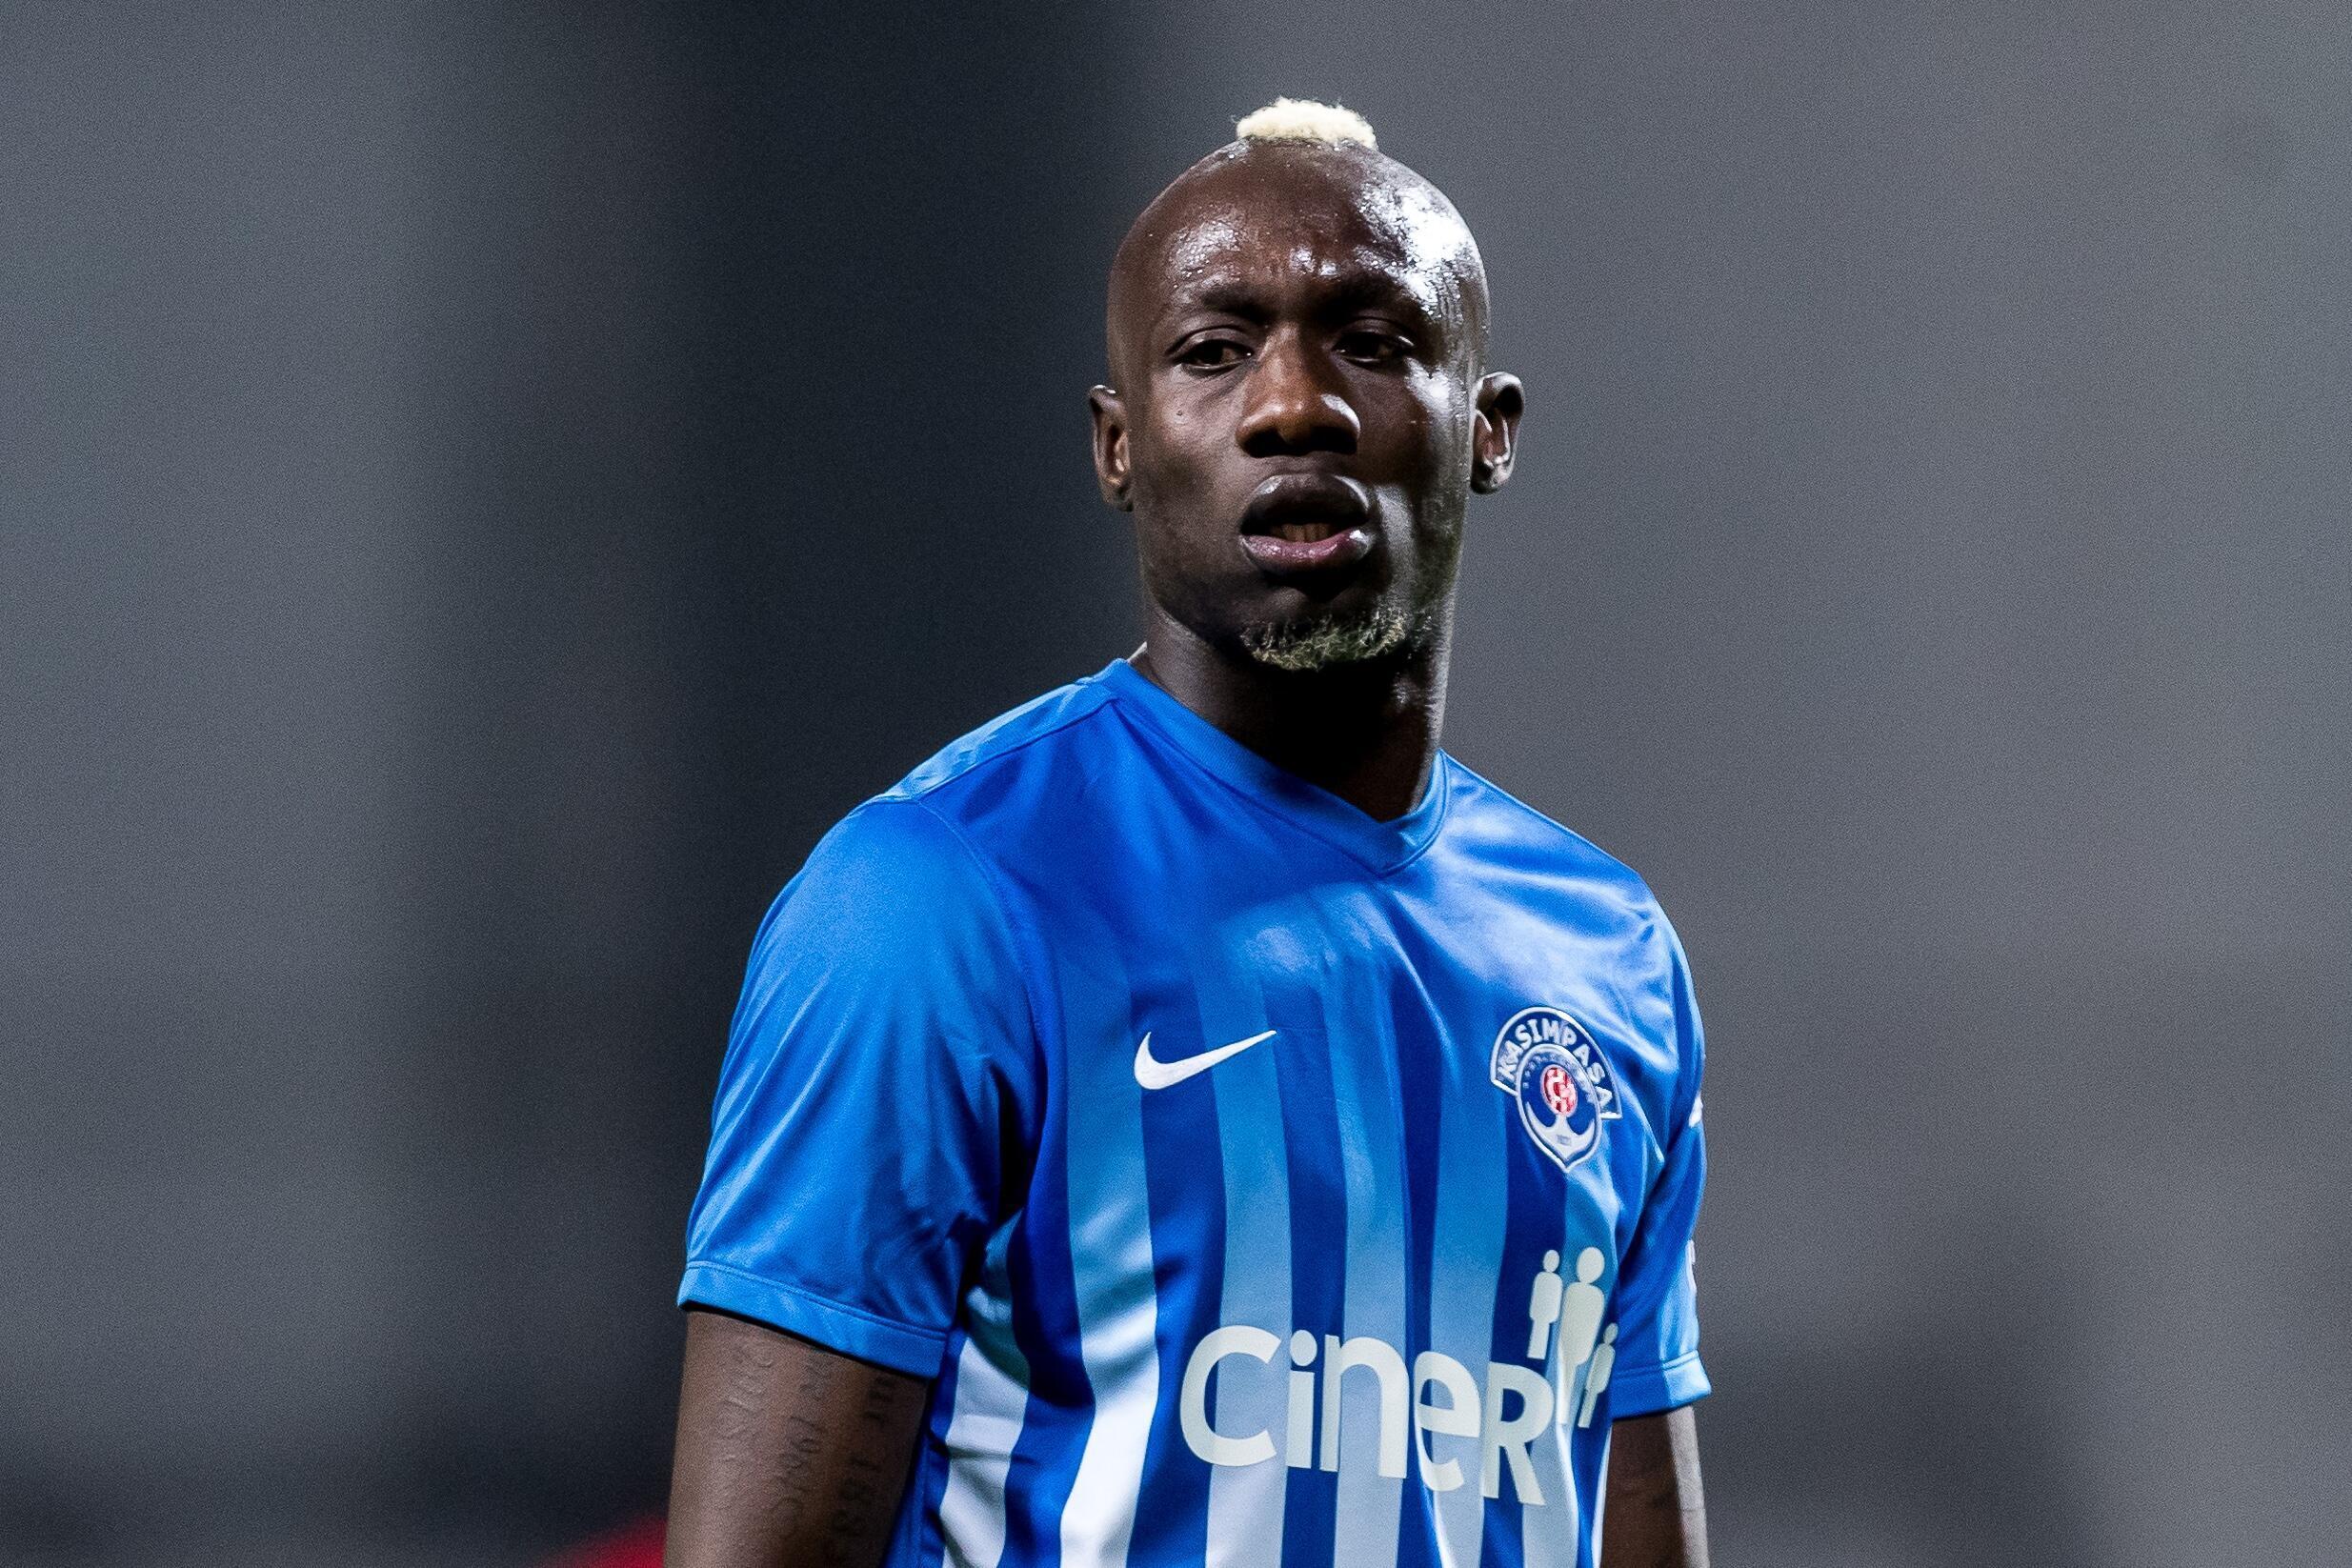 Le Sénégalais Mbaye Diagne.